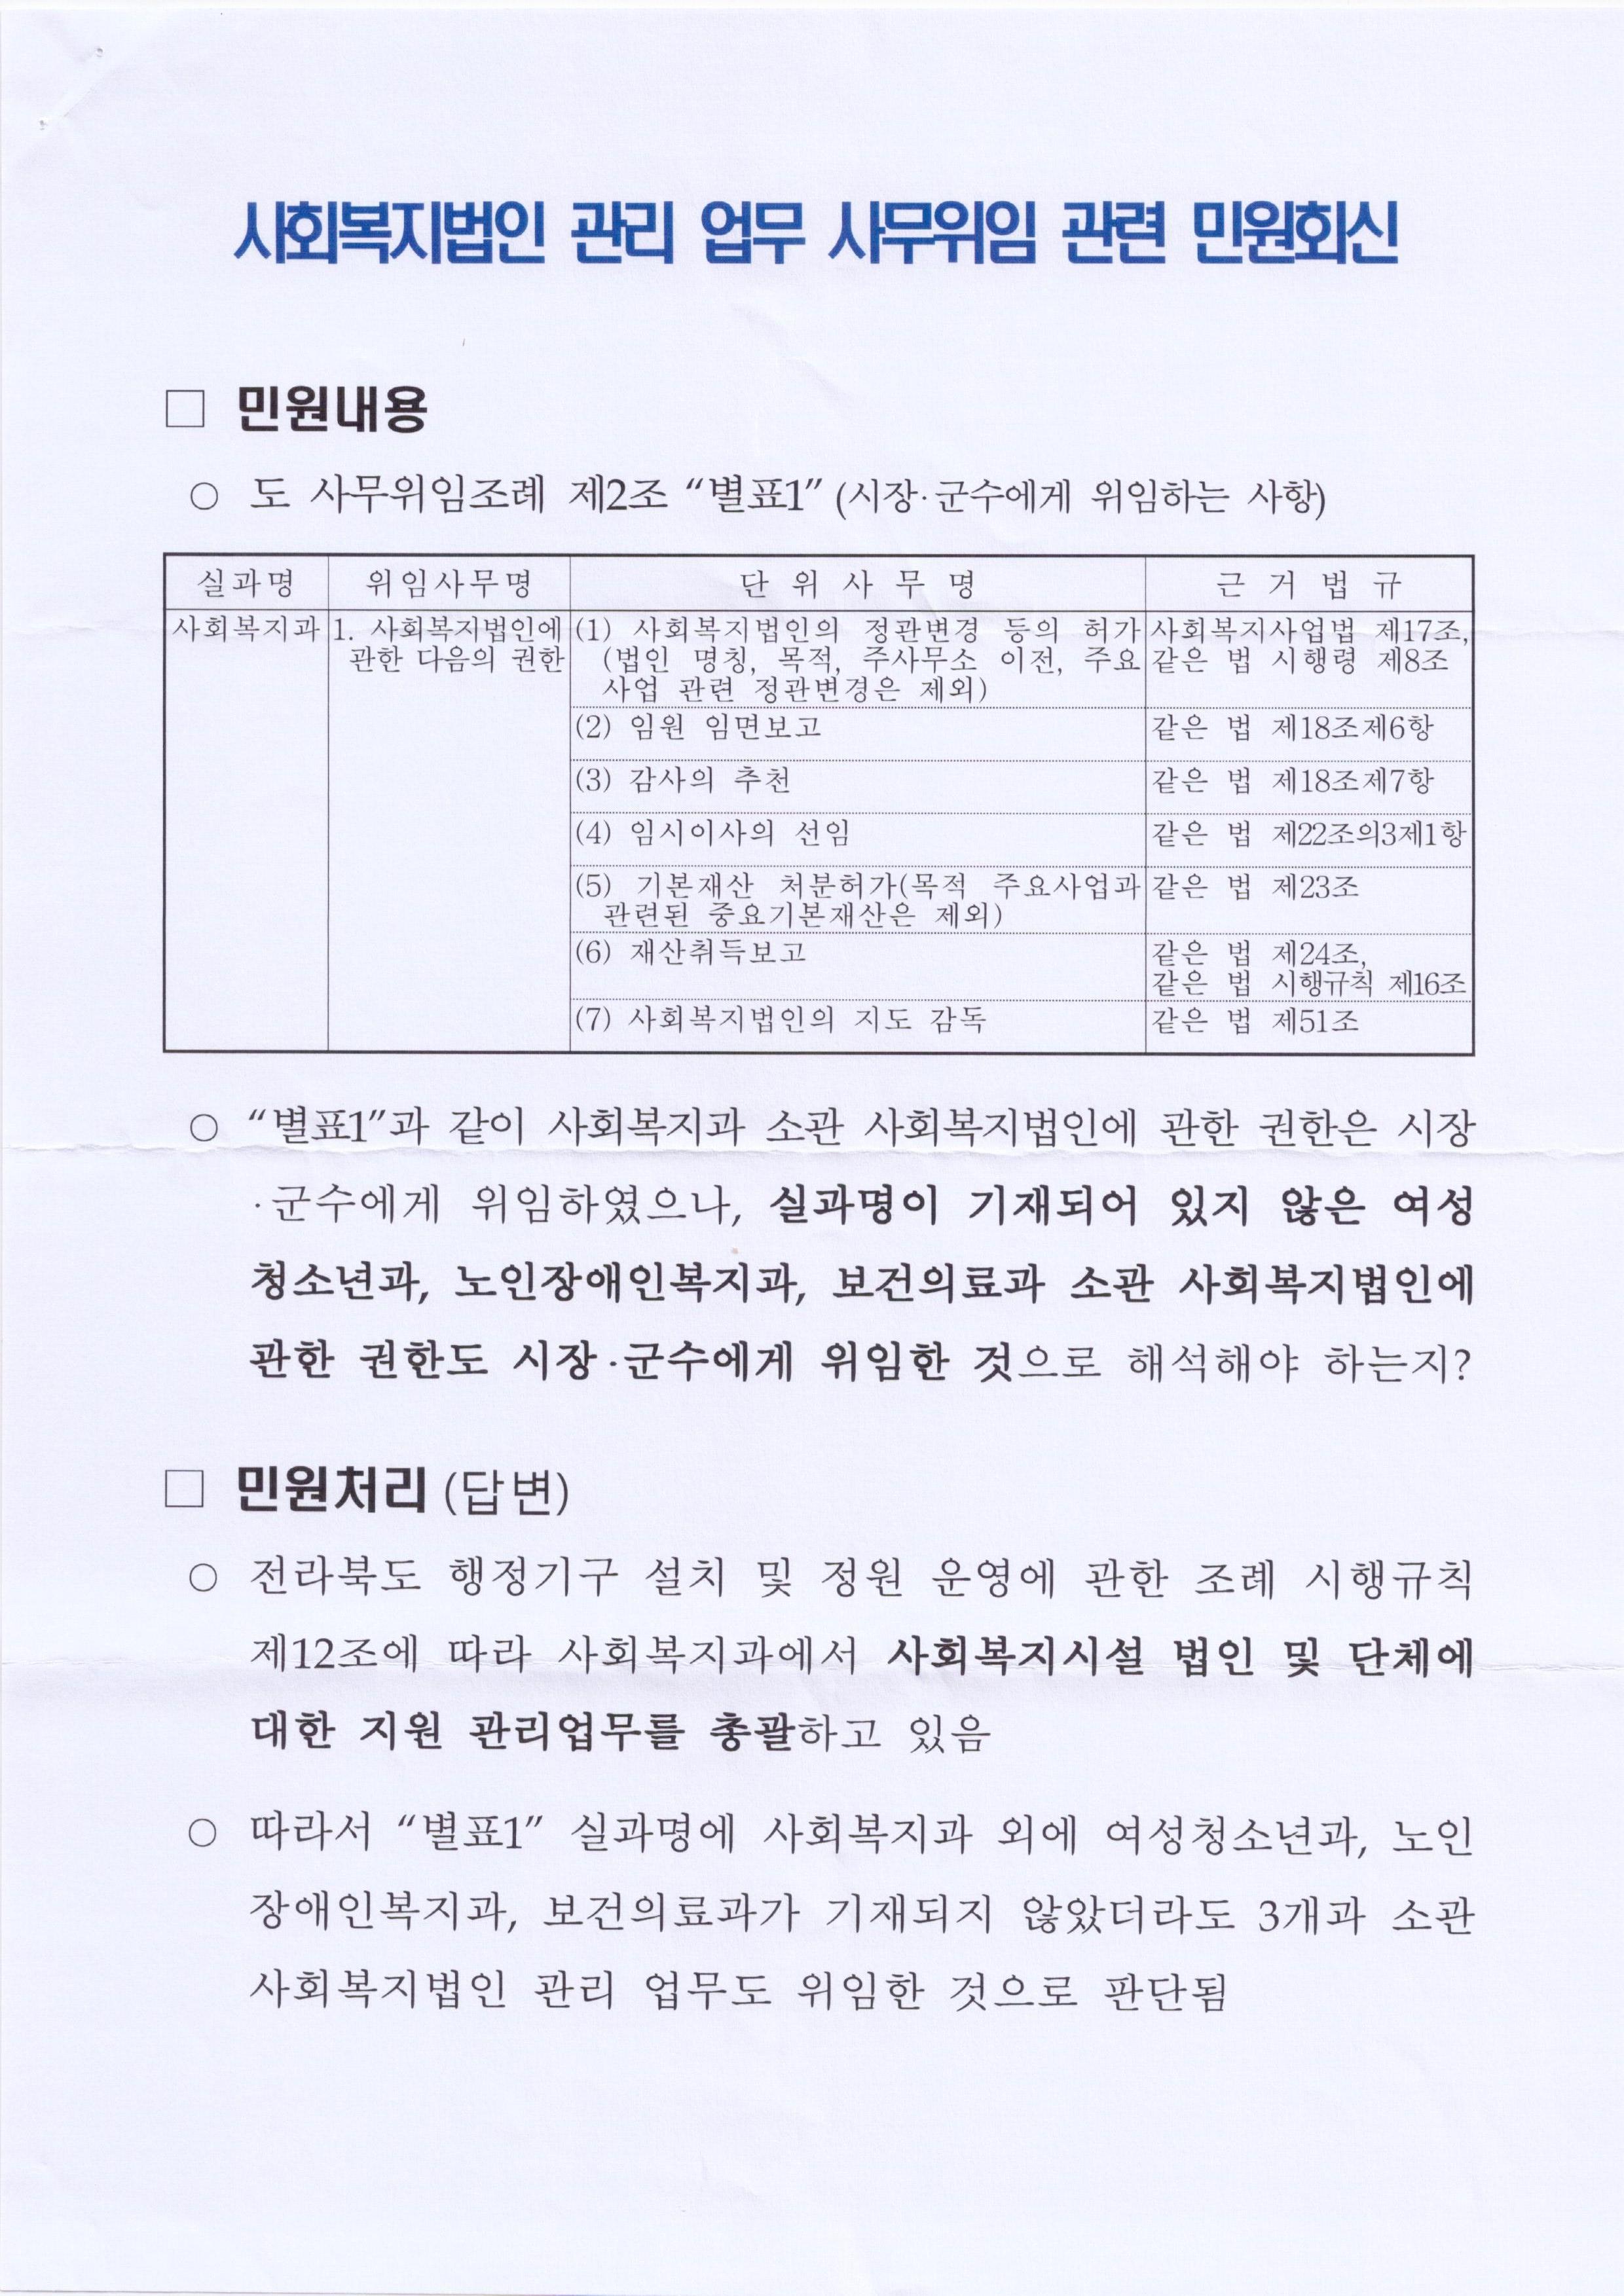 16.9.1_전북도 사회복지과-16576(사회복지법인 사무위임 회신 002.jpg